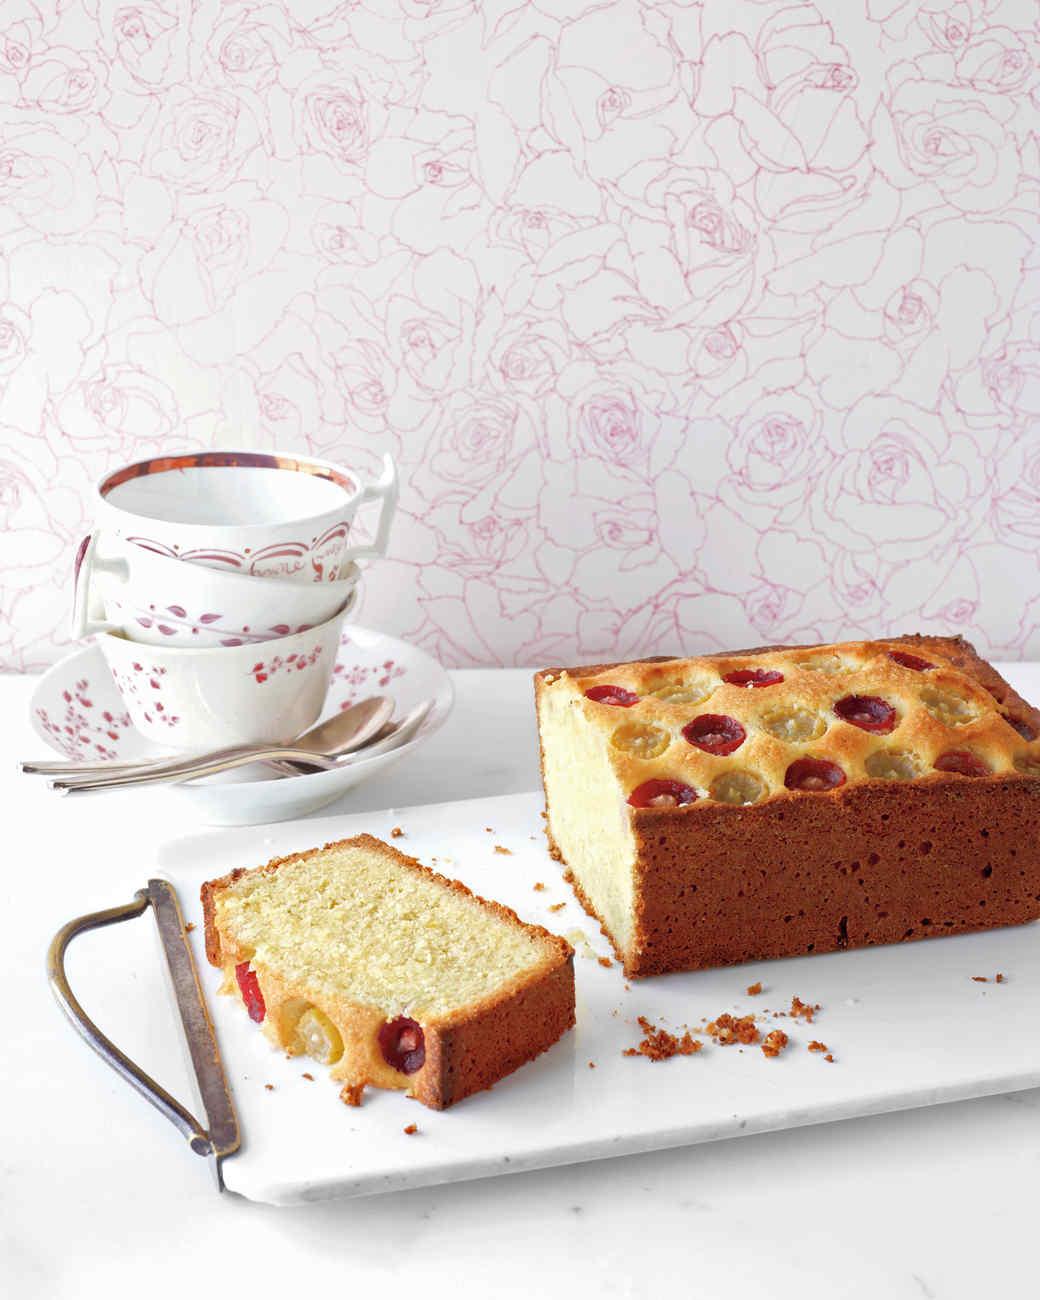 almond-grape-cake-0911med107344.jpg